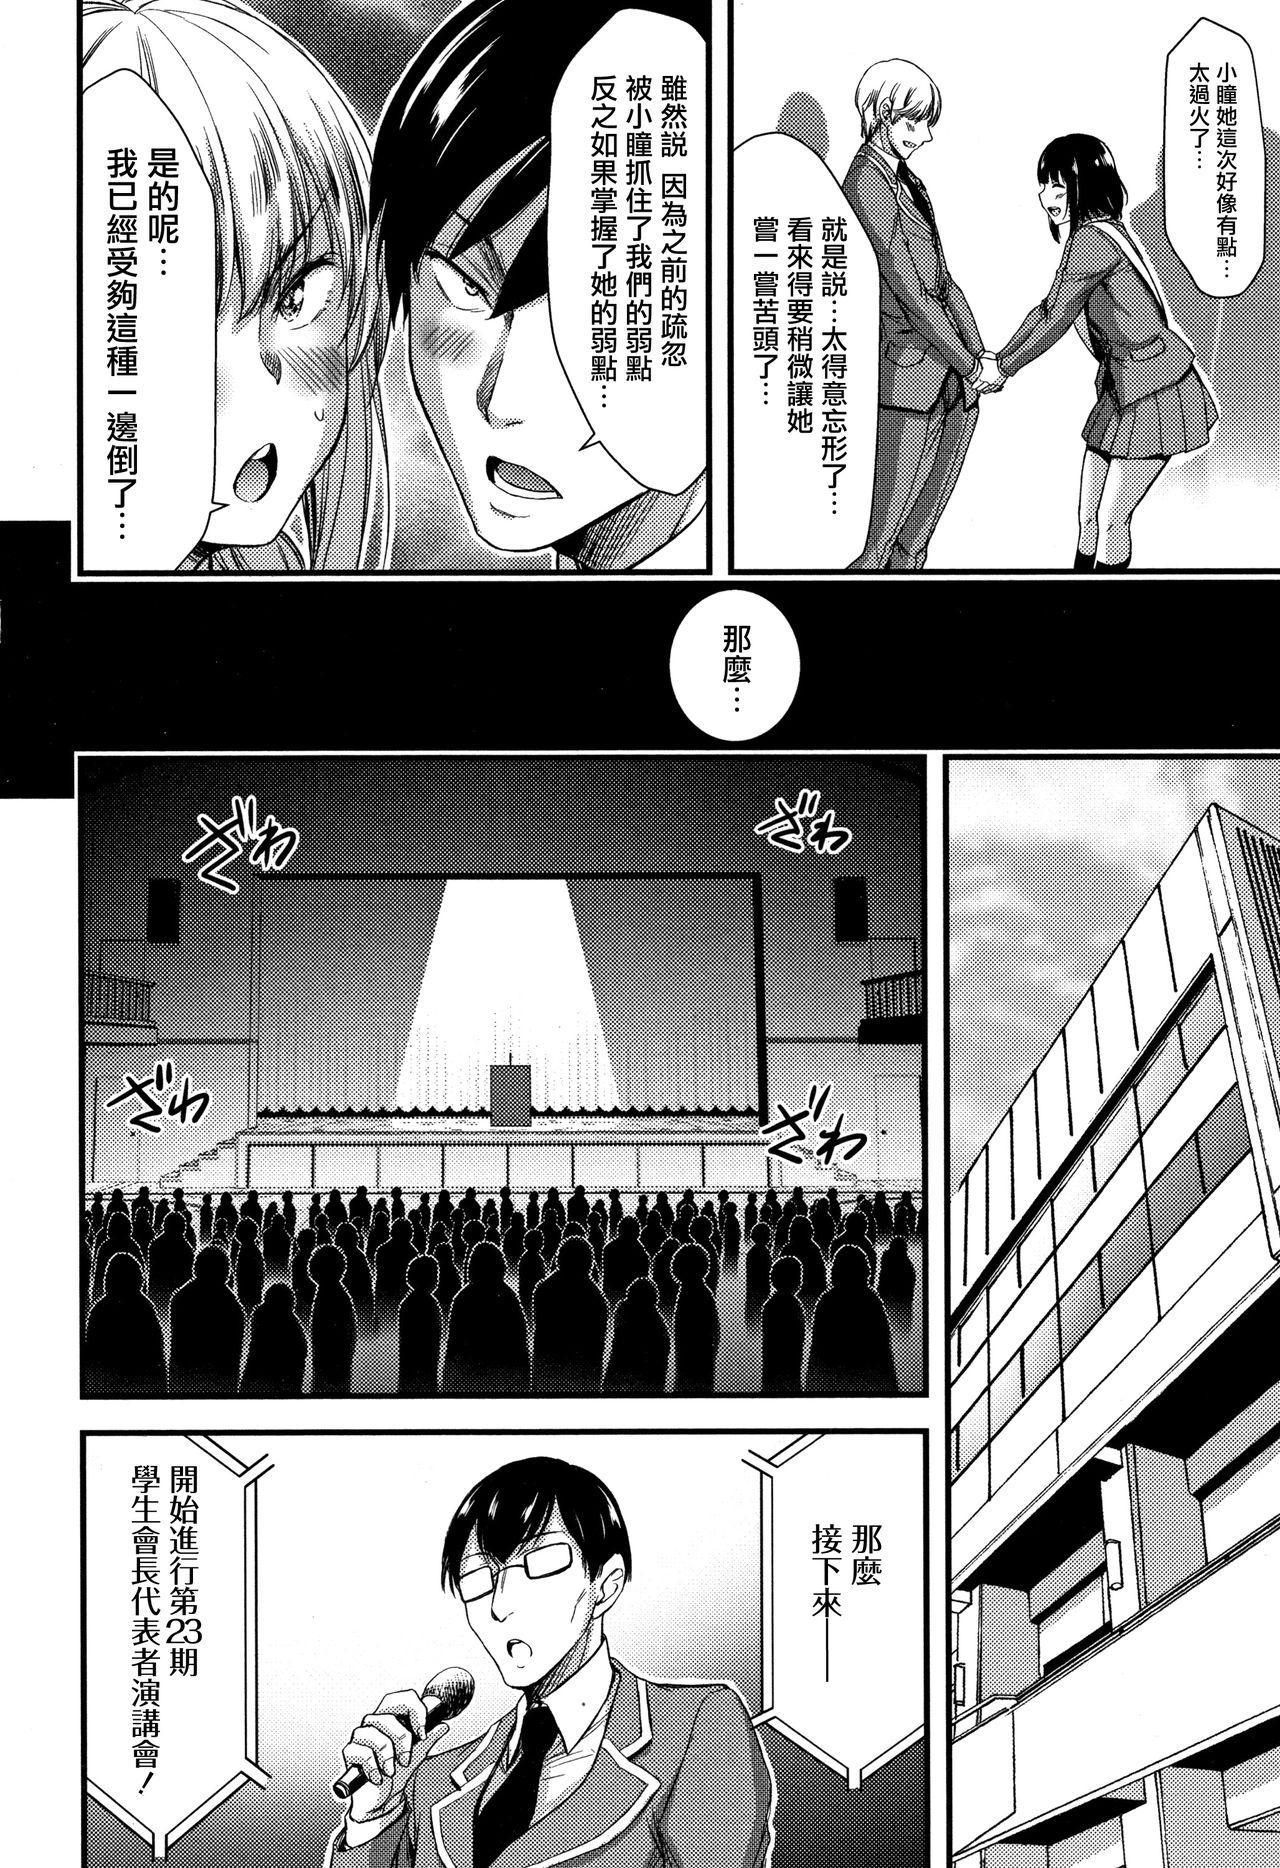 Nichijou Bitch Seitai Kansatsu 62